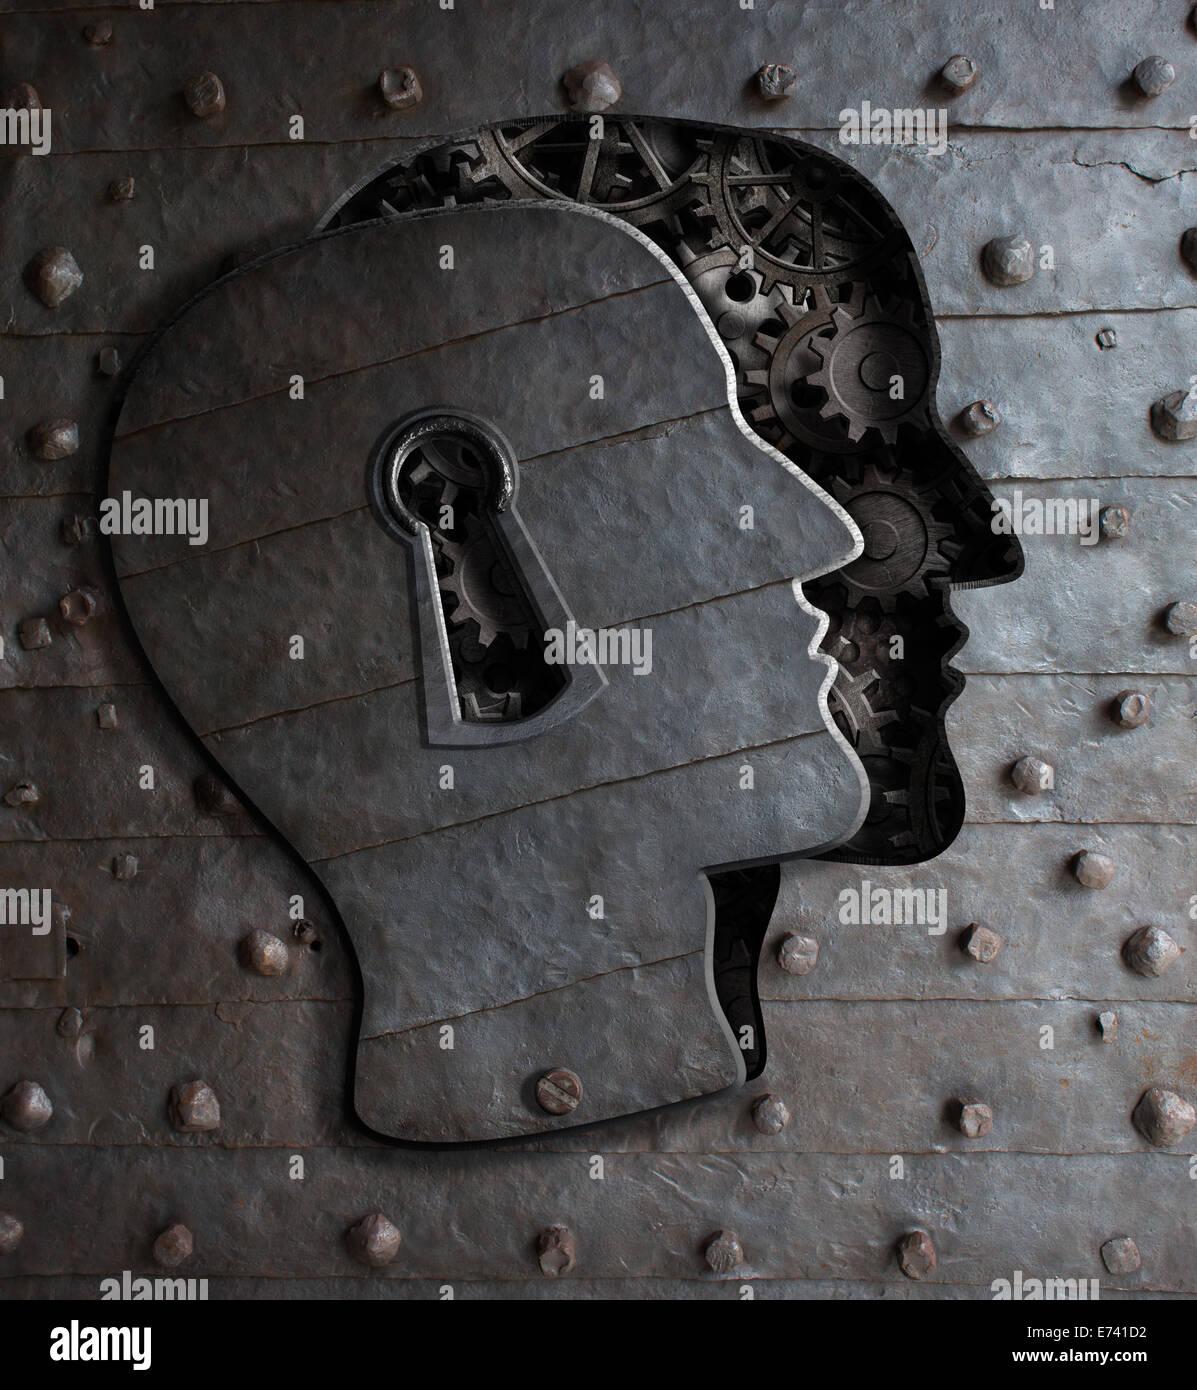 Cerveau humain porte avec serrure en métal concept engrenages et pignons Photo Stock